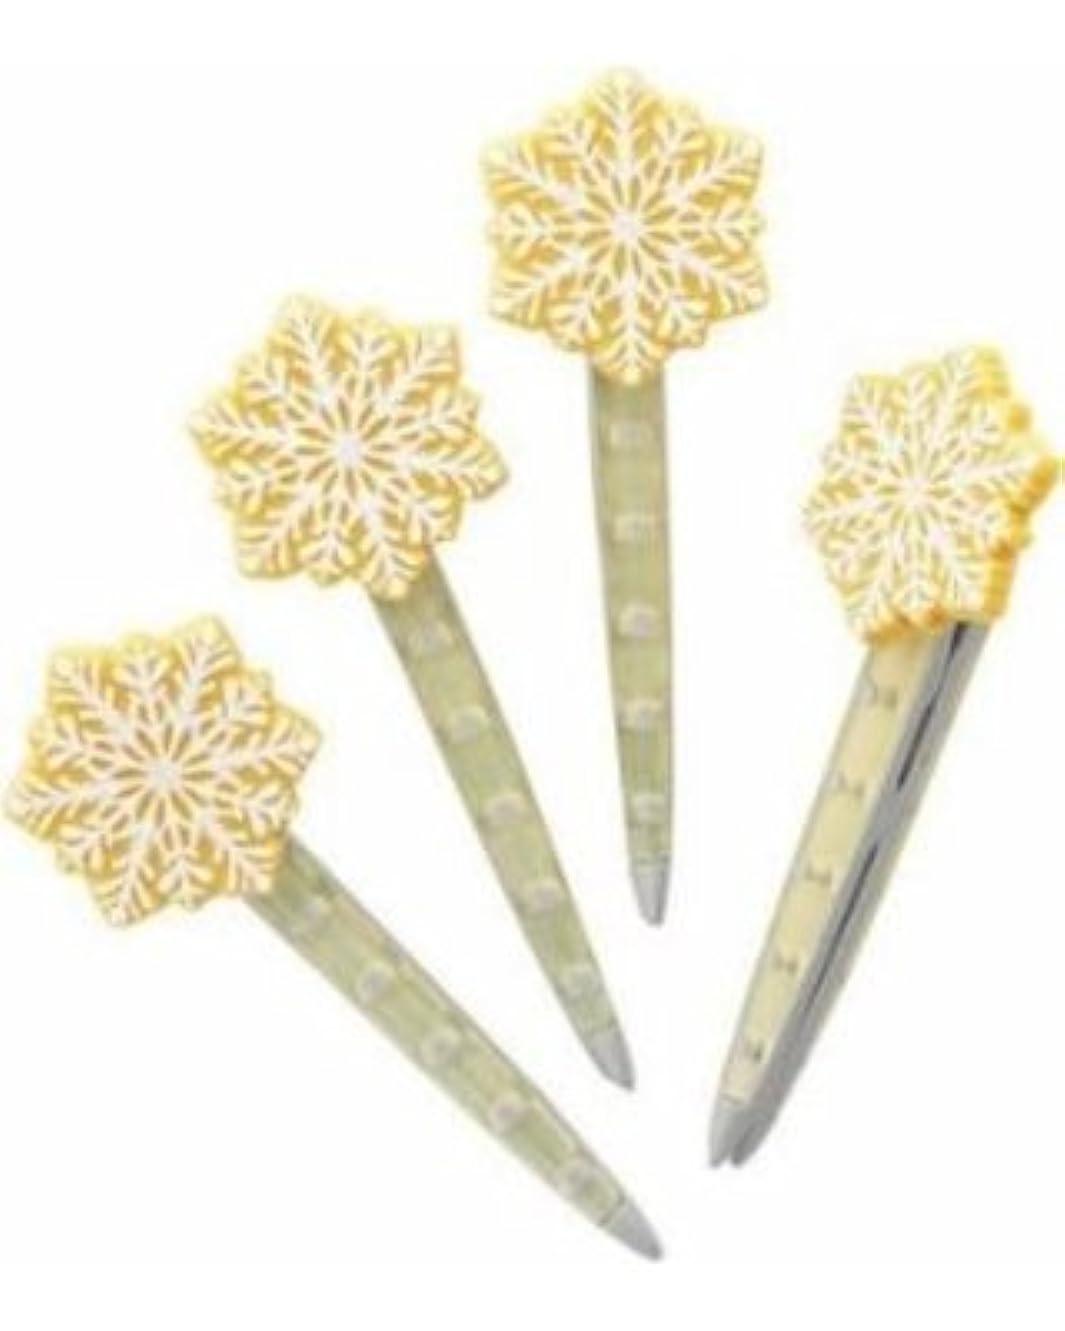 アトラス見せますジョージエリオットYankee CandleクリスマスクッキーVent Sticks Set of 4